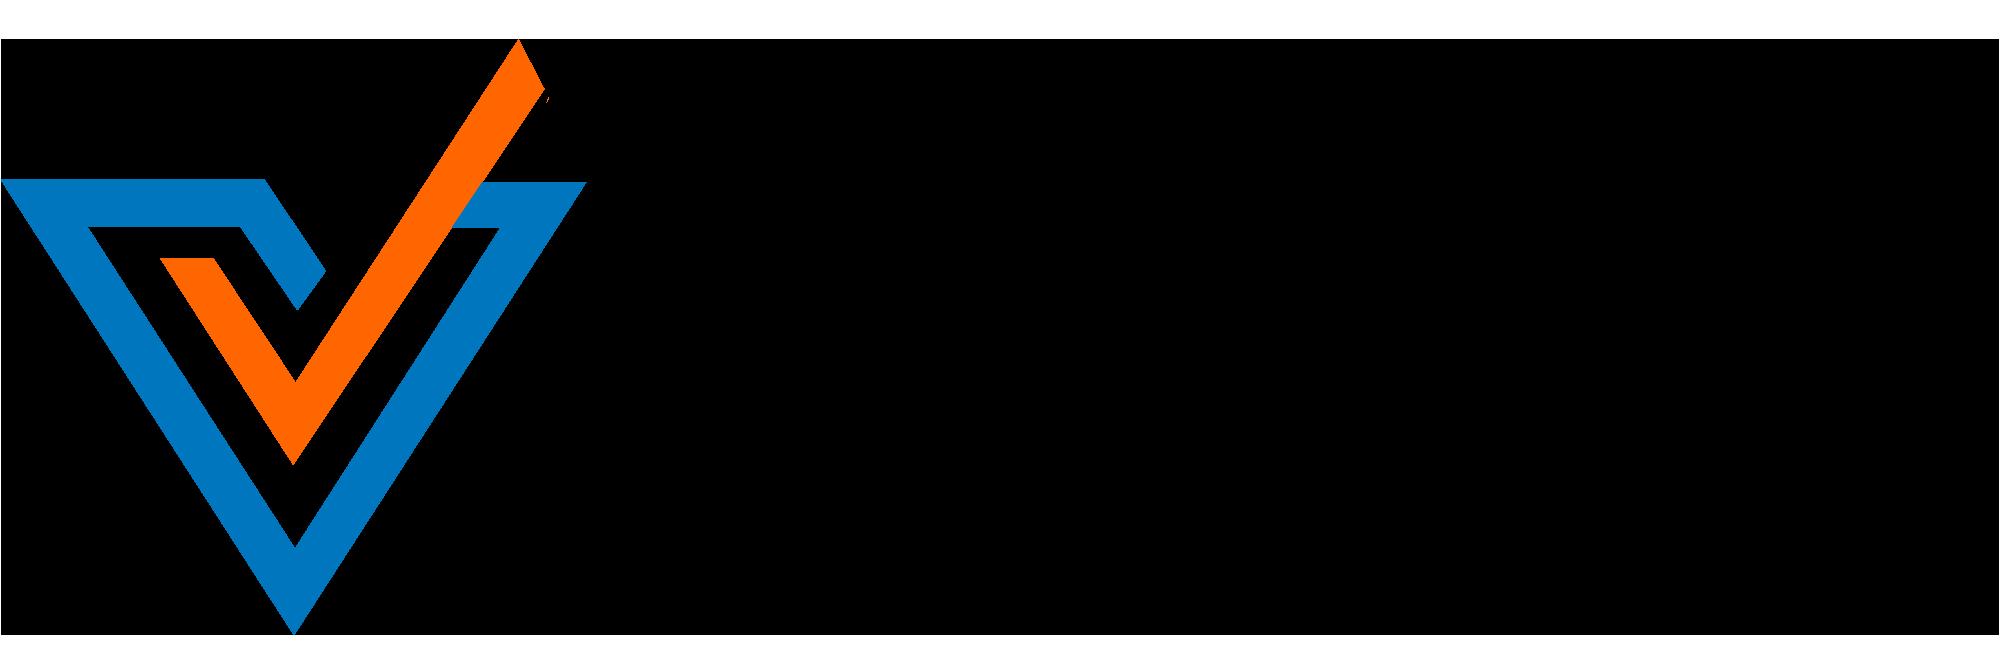 Vengreso Logo